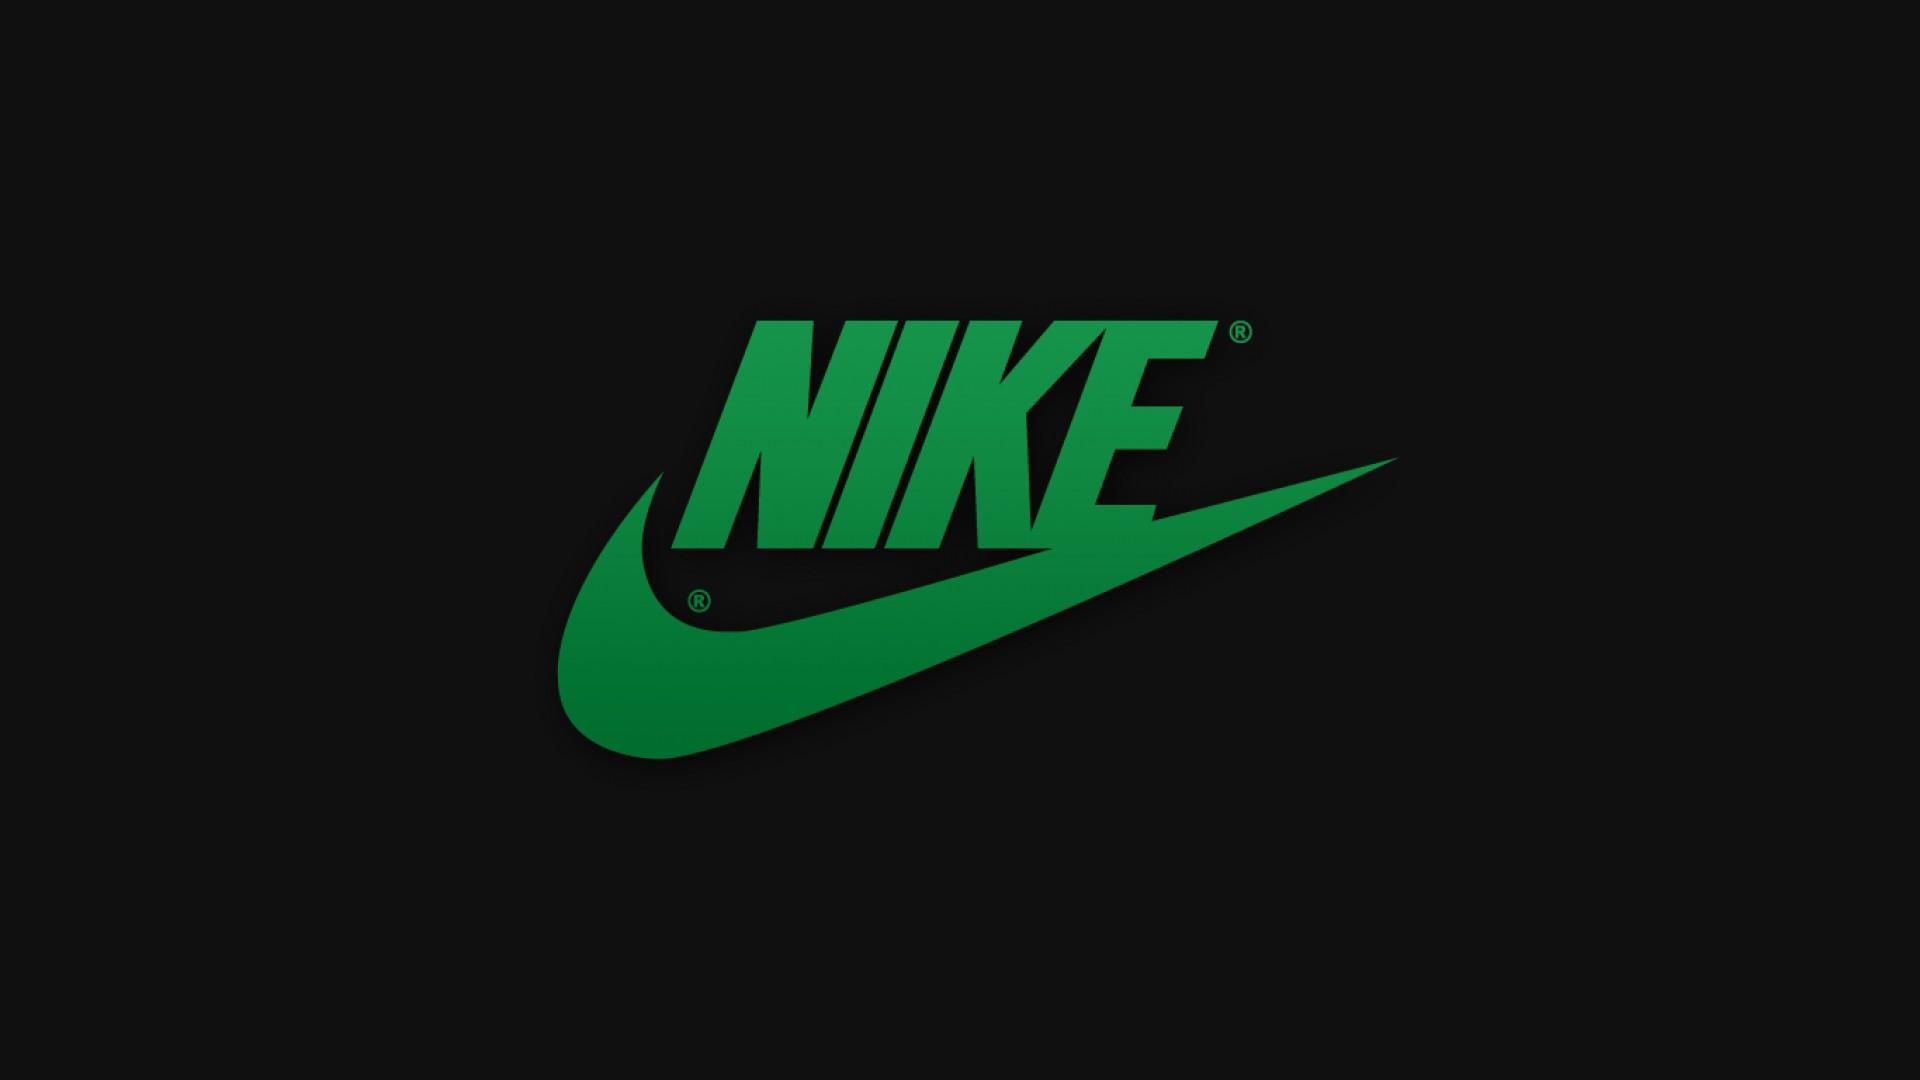 fantastic nike logo background 41386